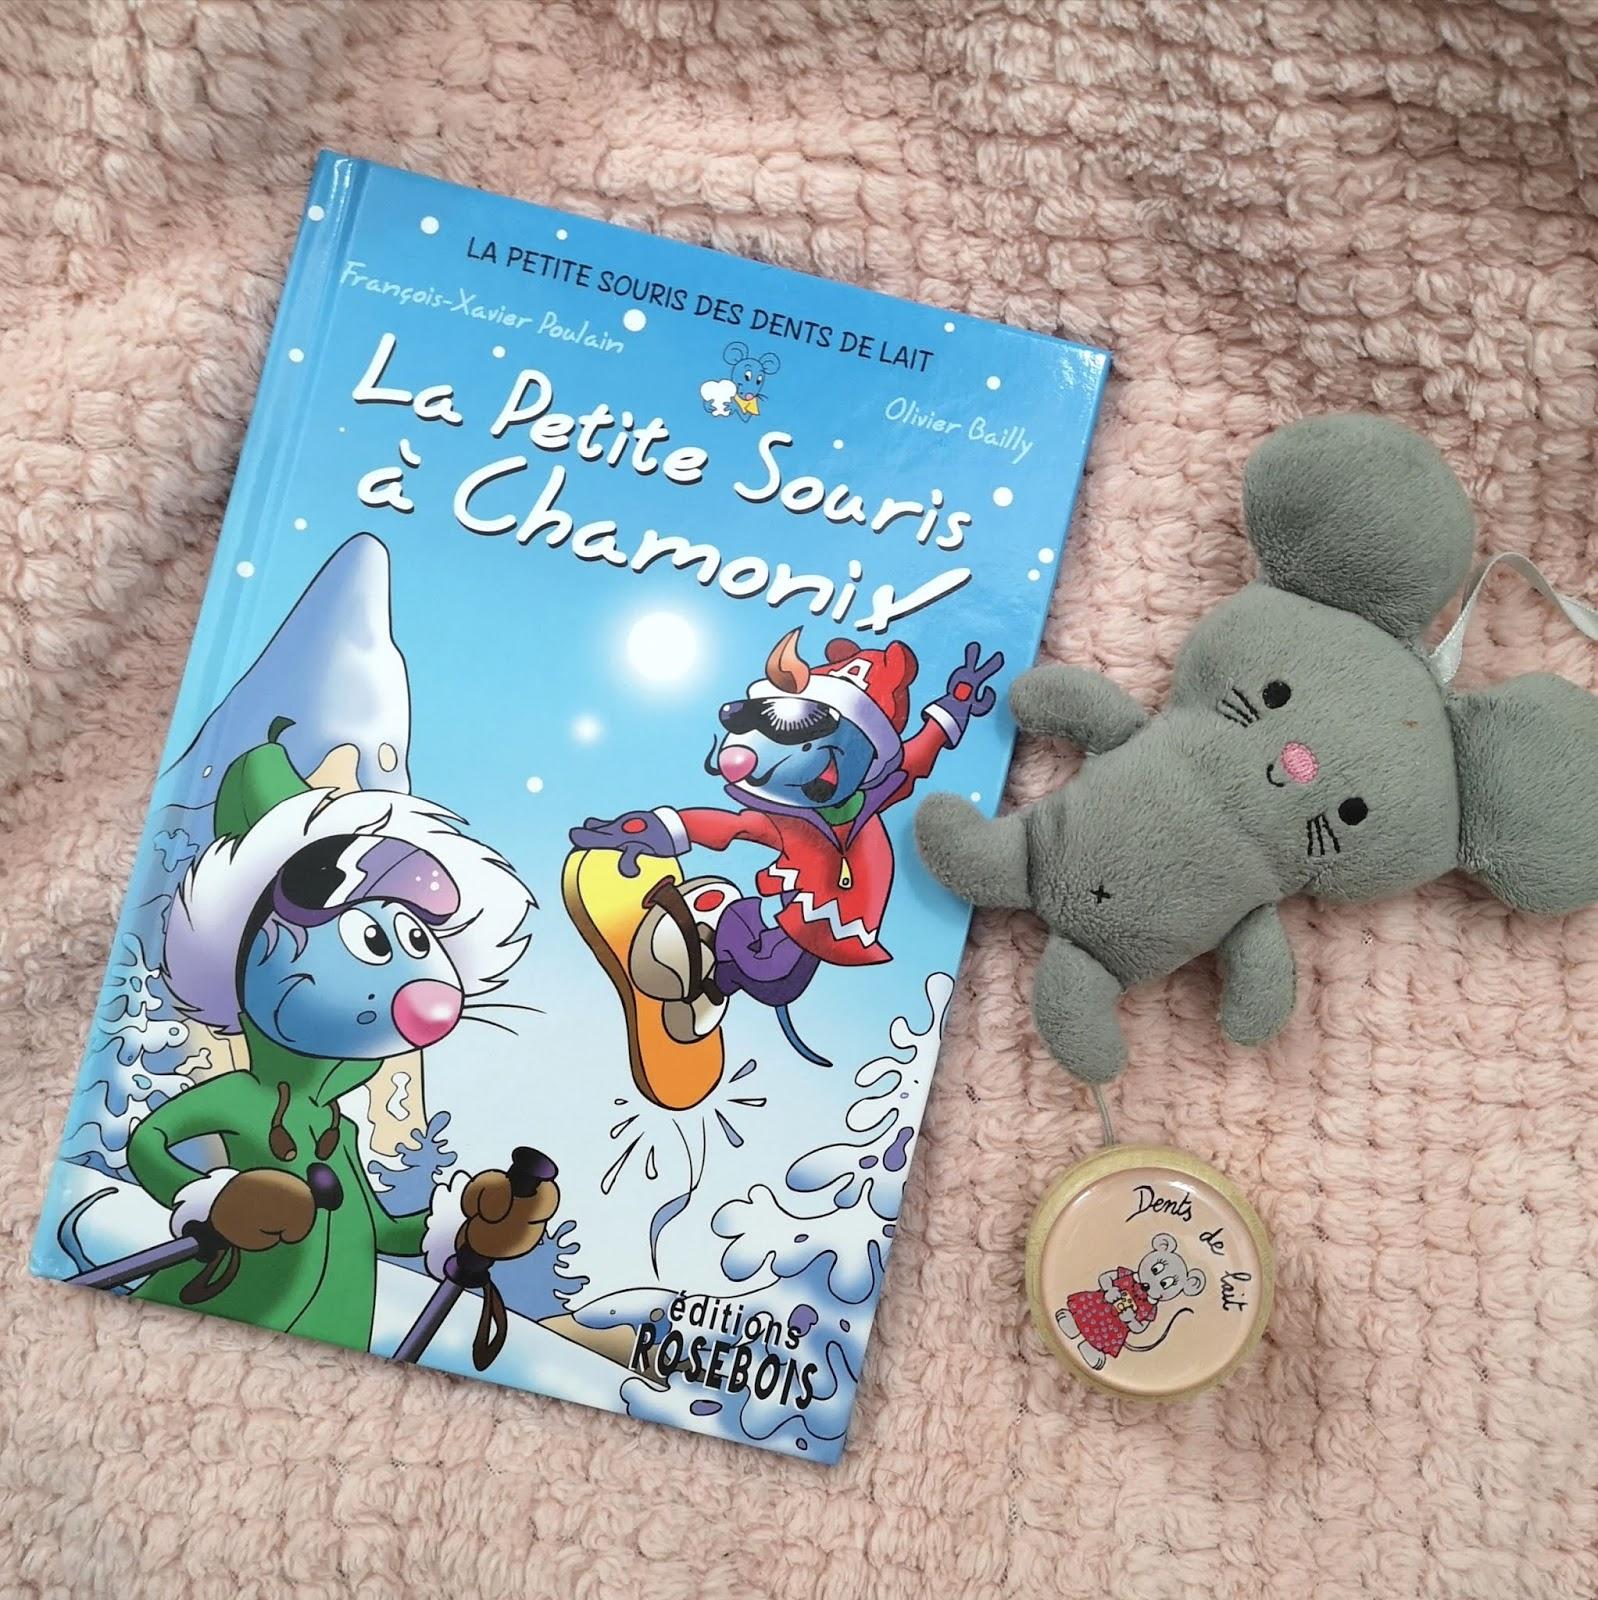 La Petite Souris à Chamonix de François-Xavier Poulain et Olivier Bailly